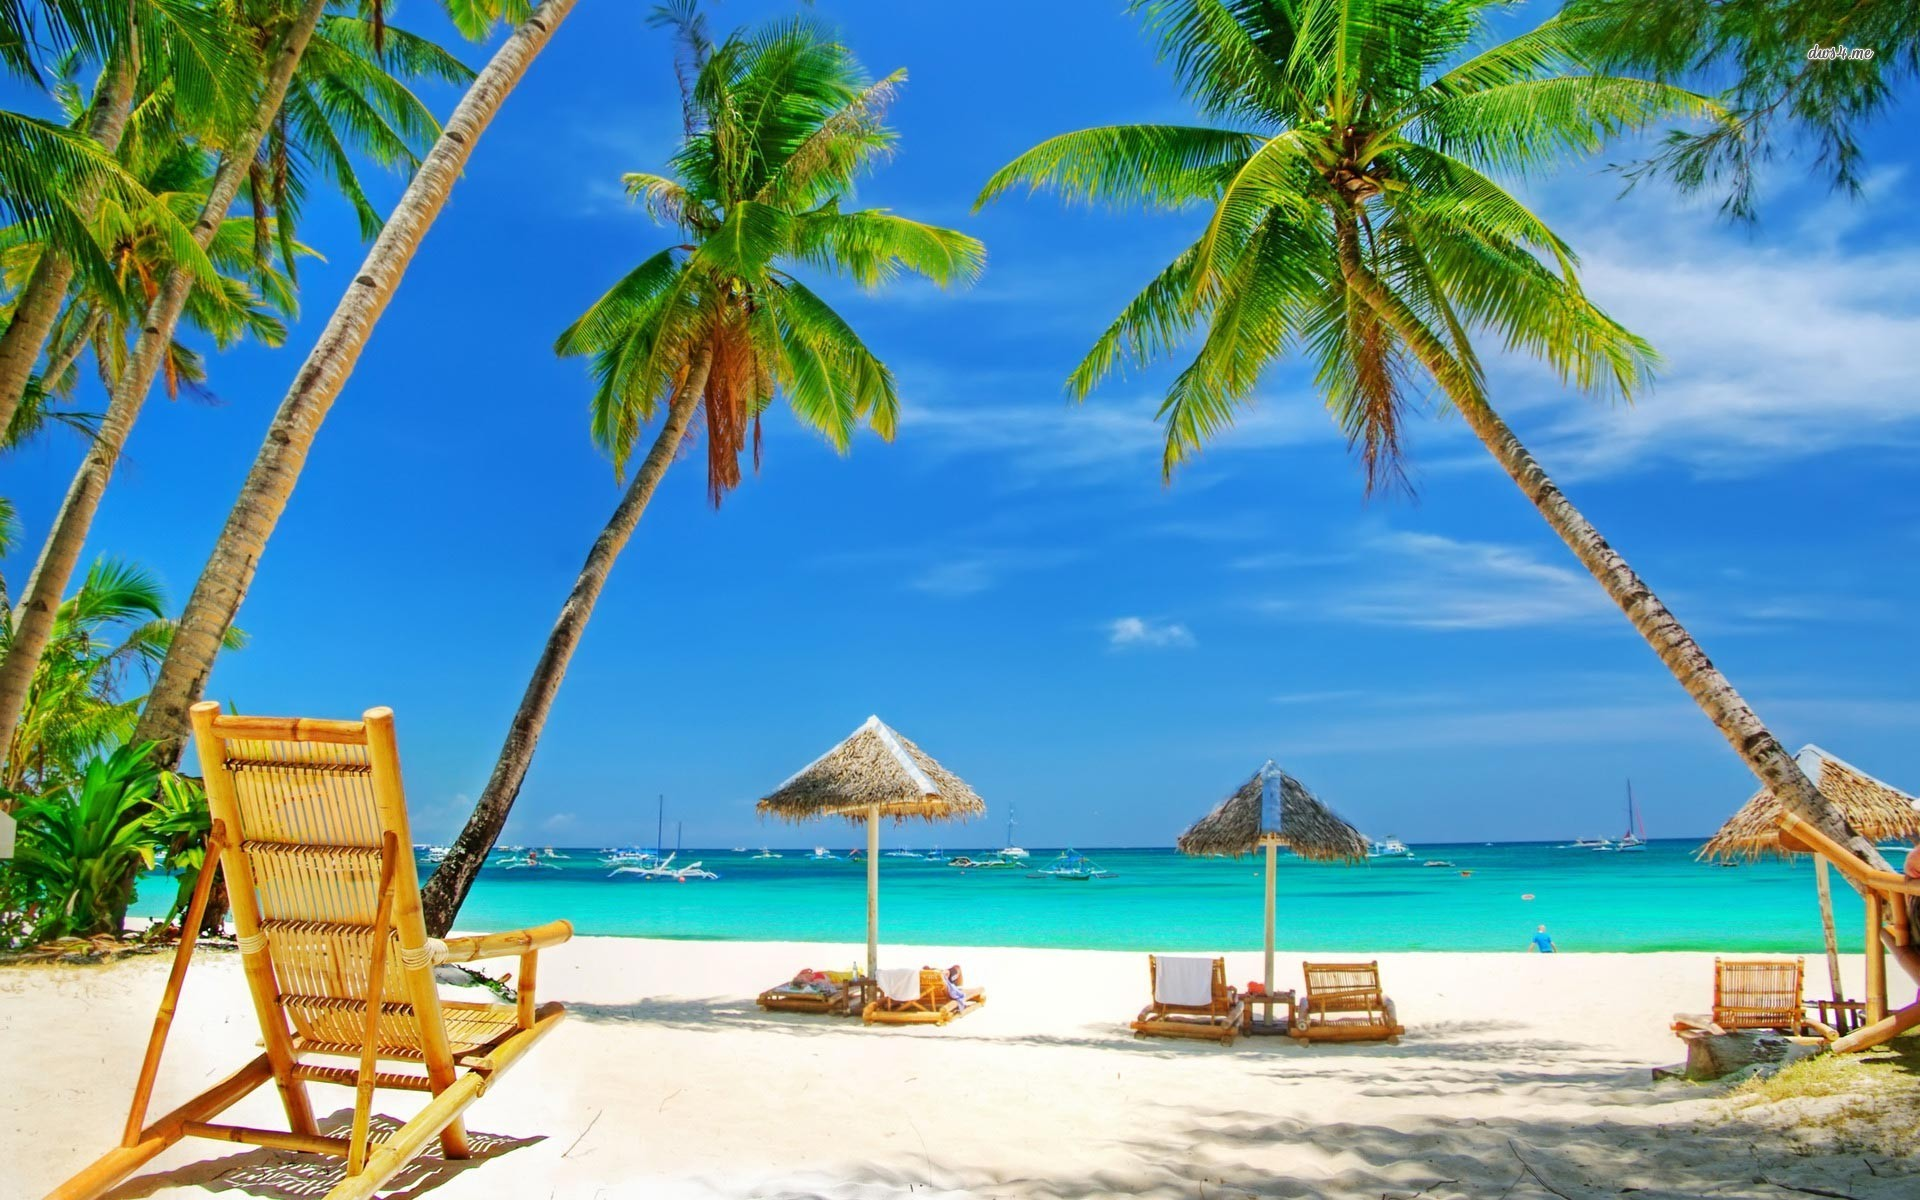 beach resort Desktop Backgrounds for HD Wallpaper 1920x1200